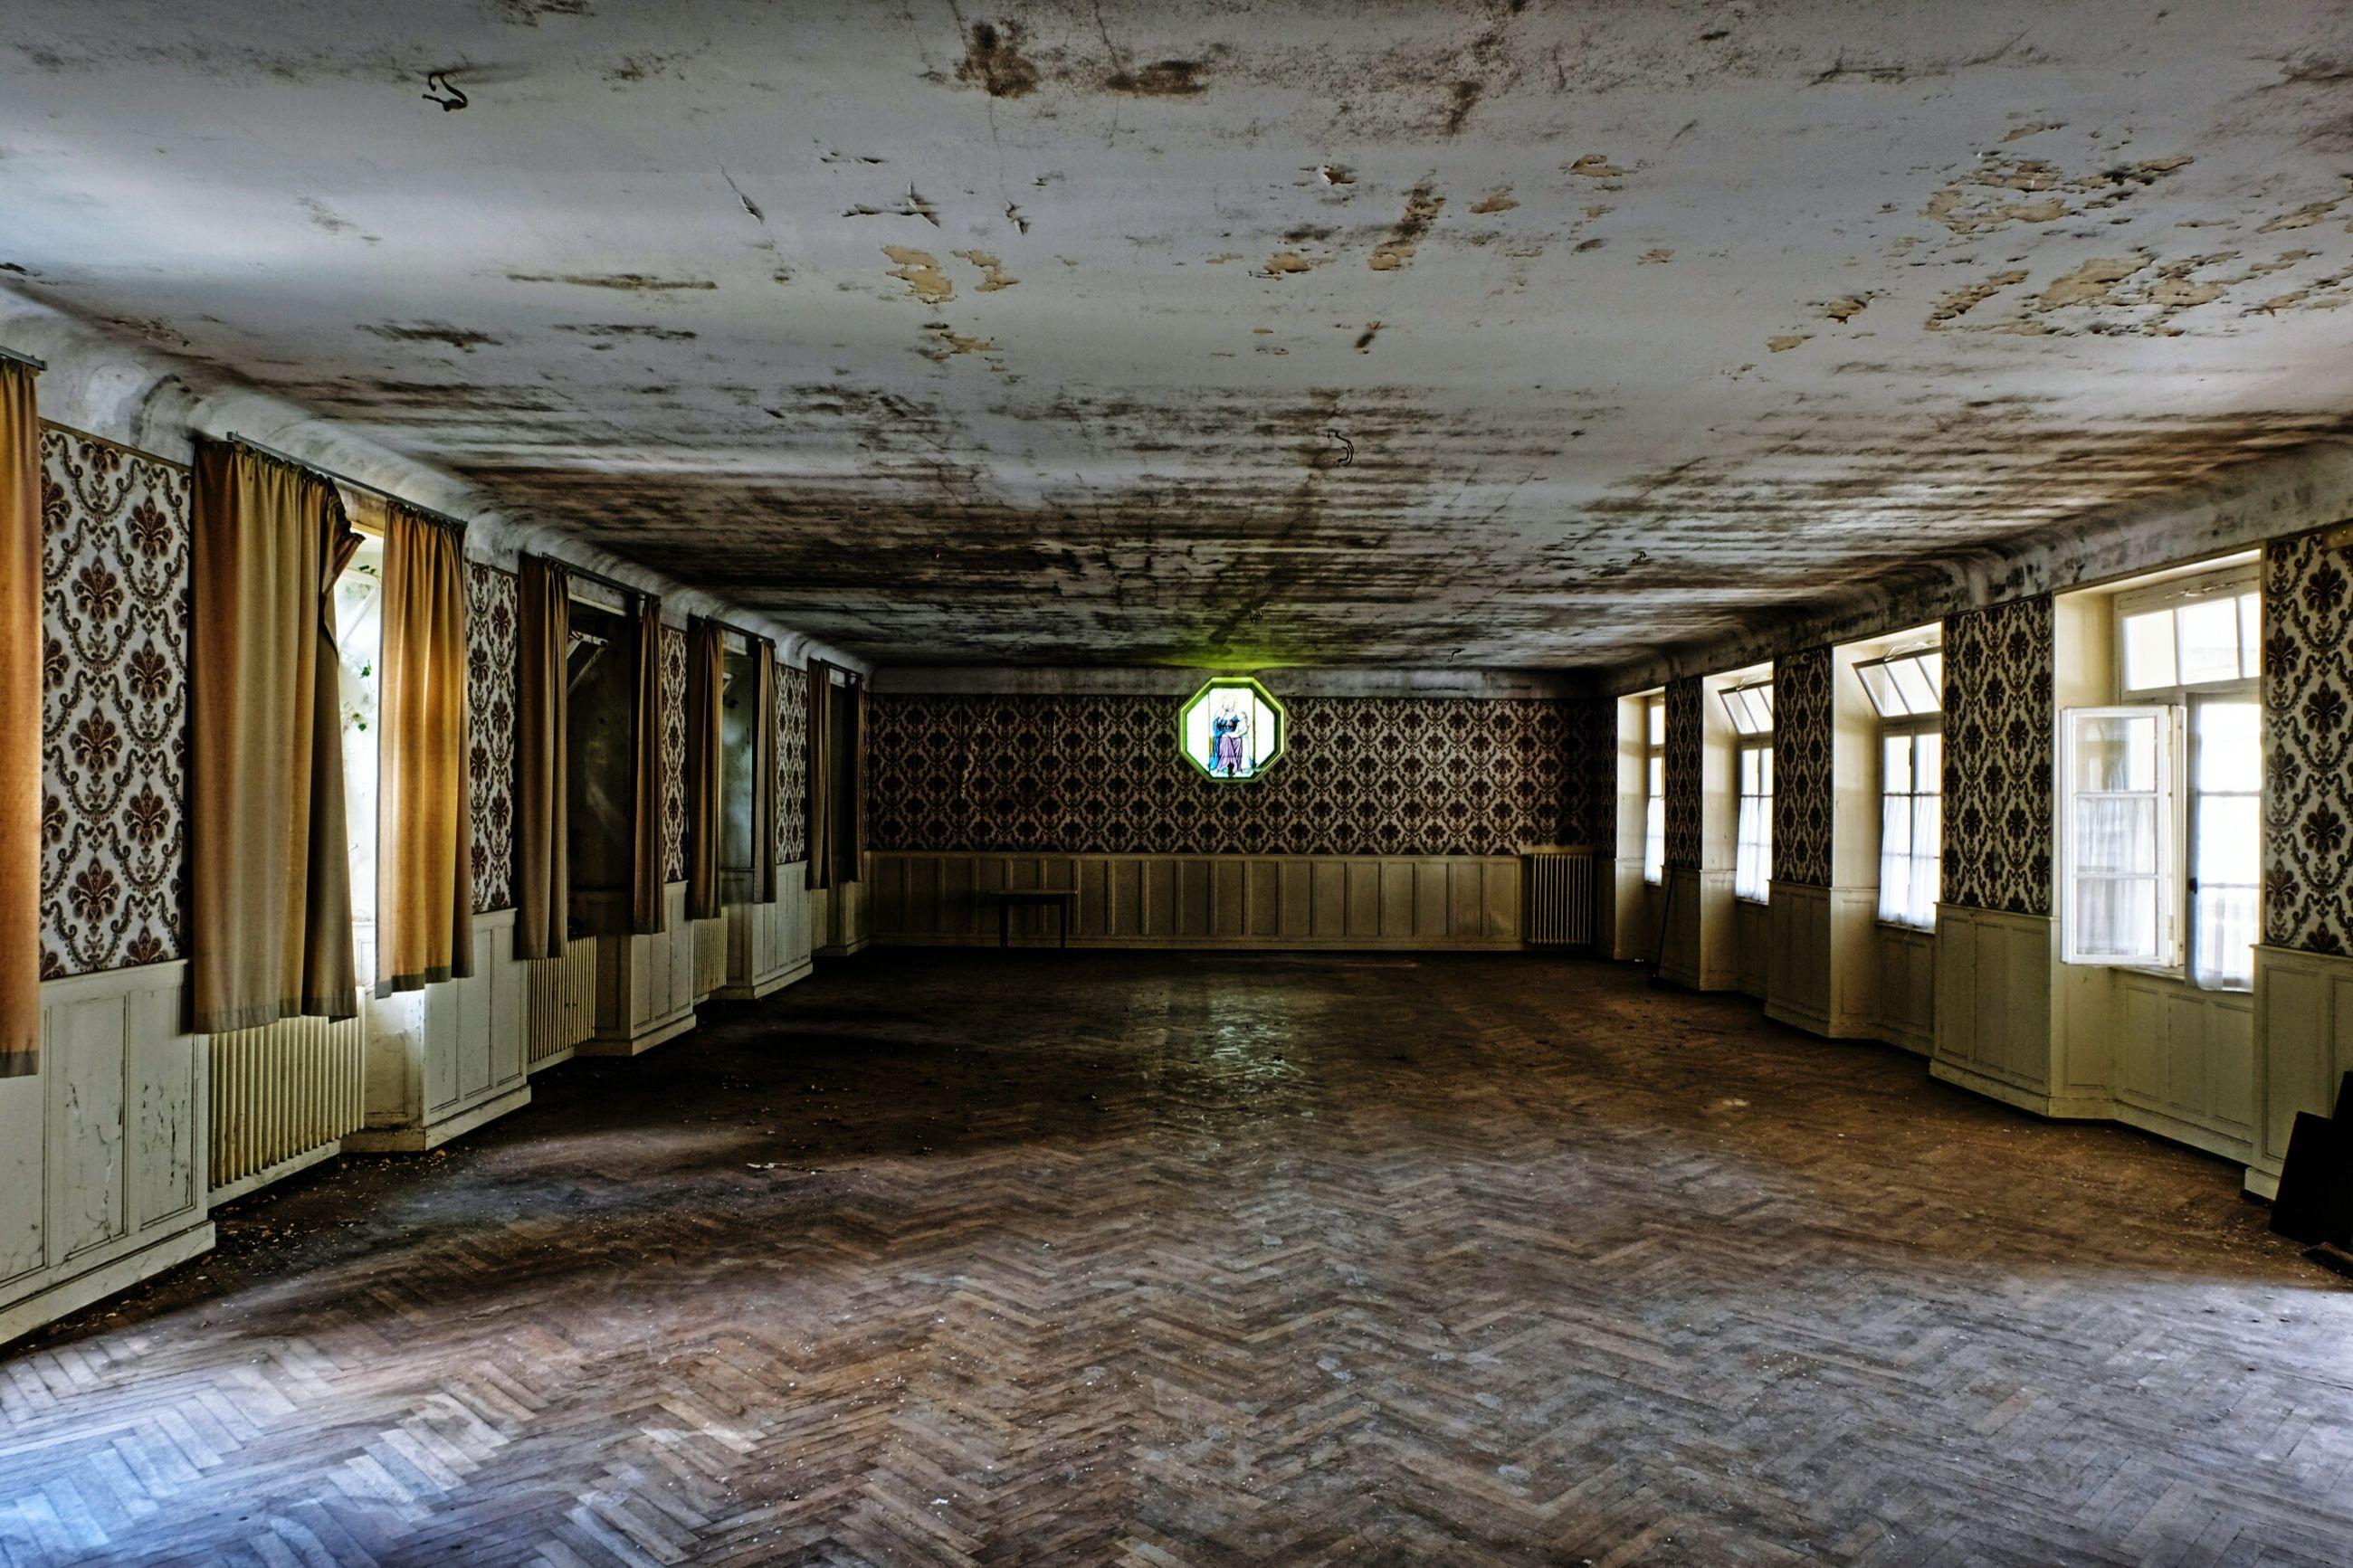 indoors, empty, no people, abandoned, architecture, illuminated, day